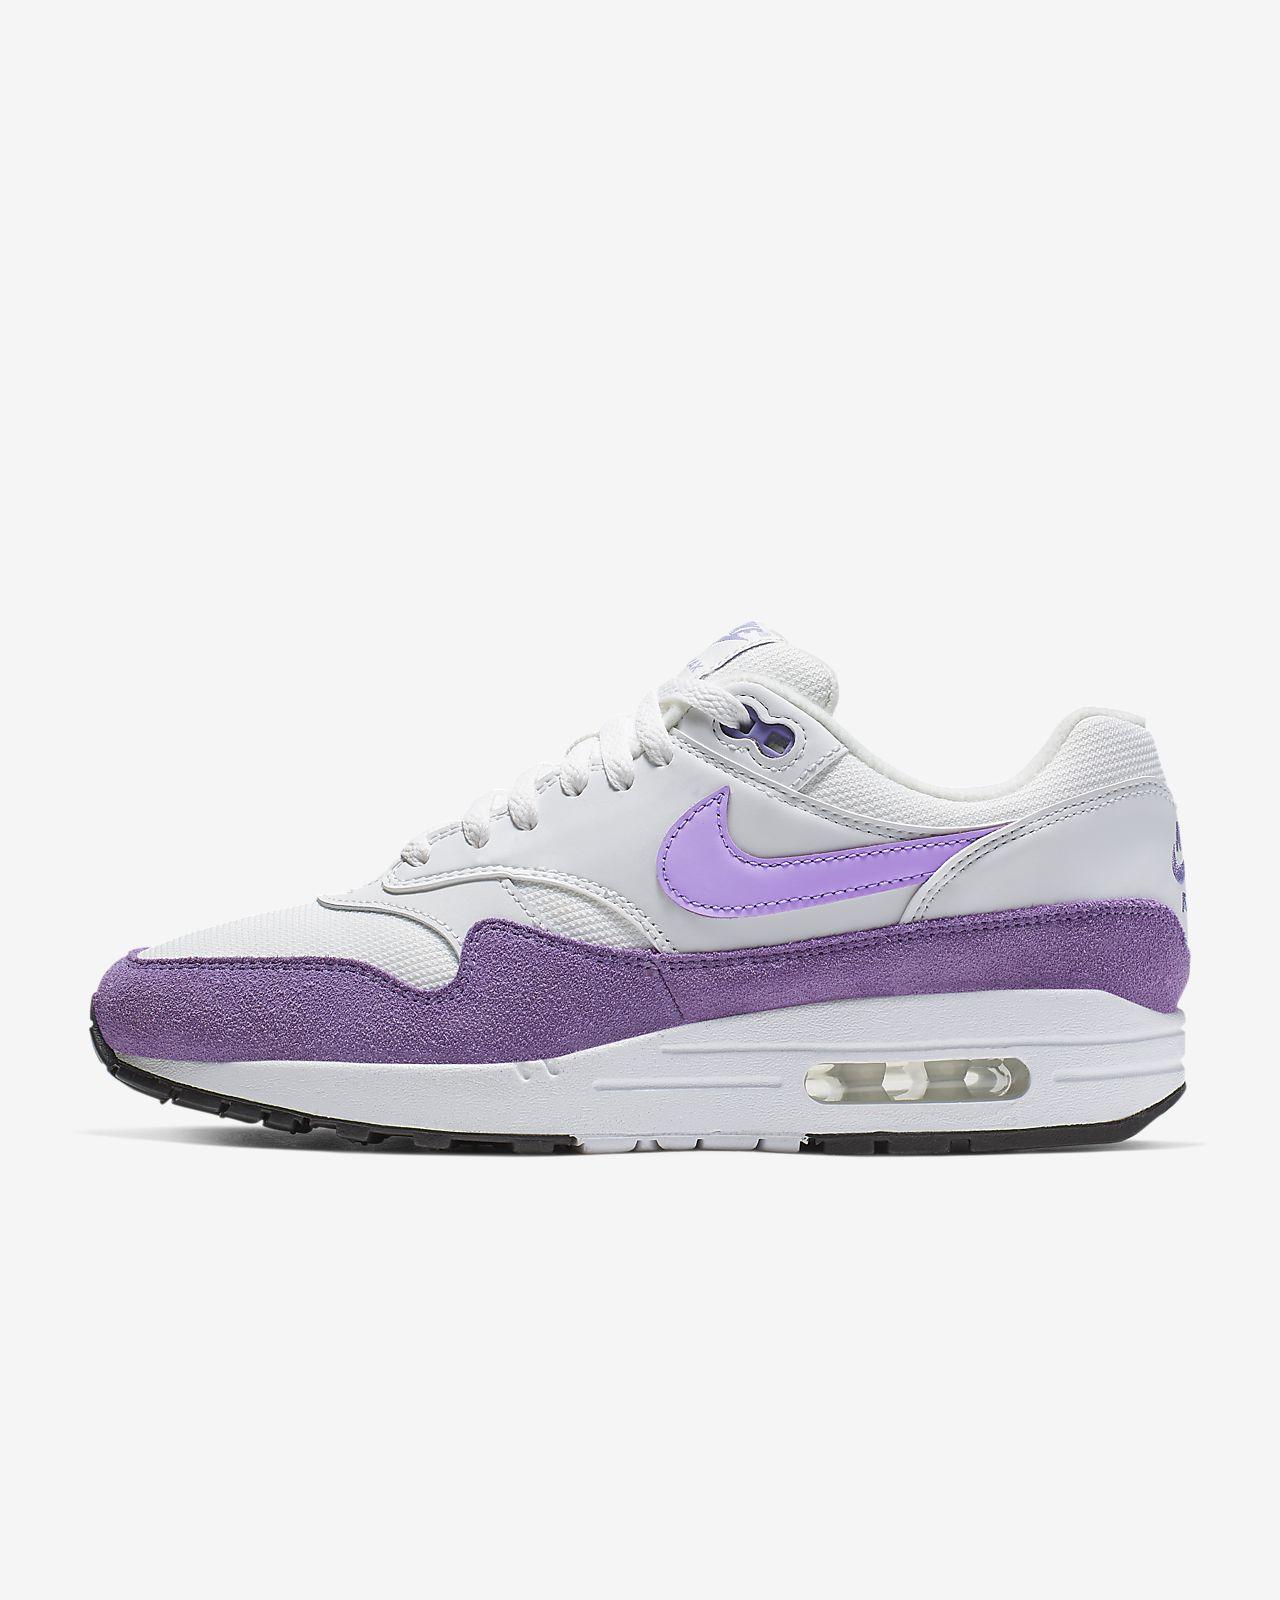 Sko Nike Air Max 1 för kvinnor